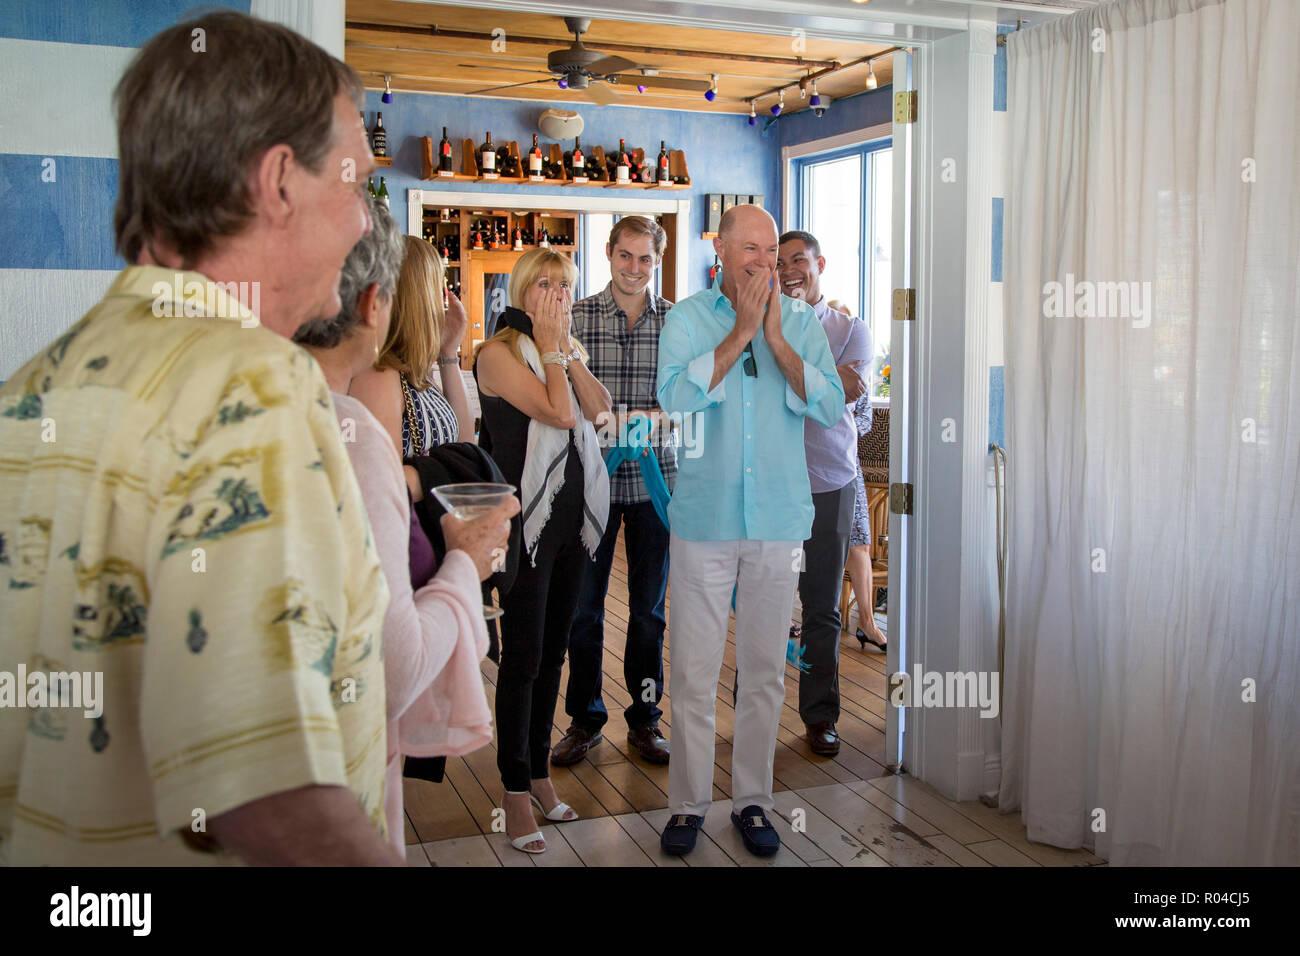 Par sorprendido por mis amigos a una fiesta sorpresa, Naples, Florida, EE.UU. Imagen De Stock